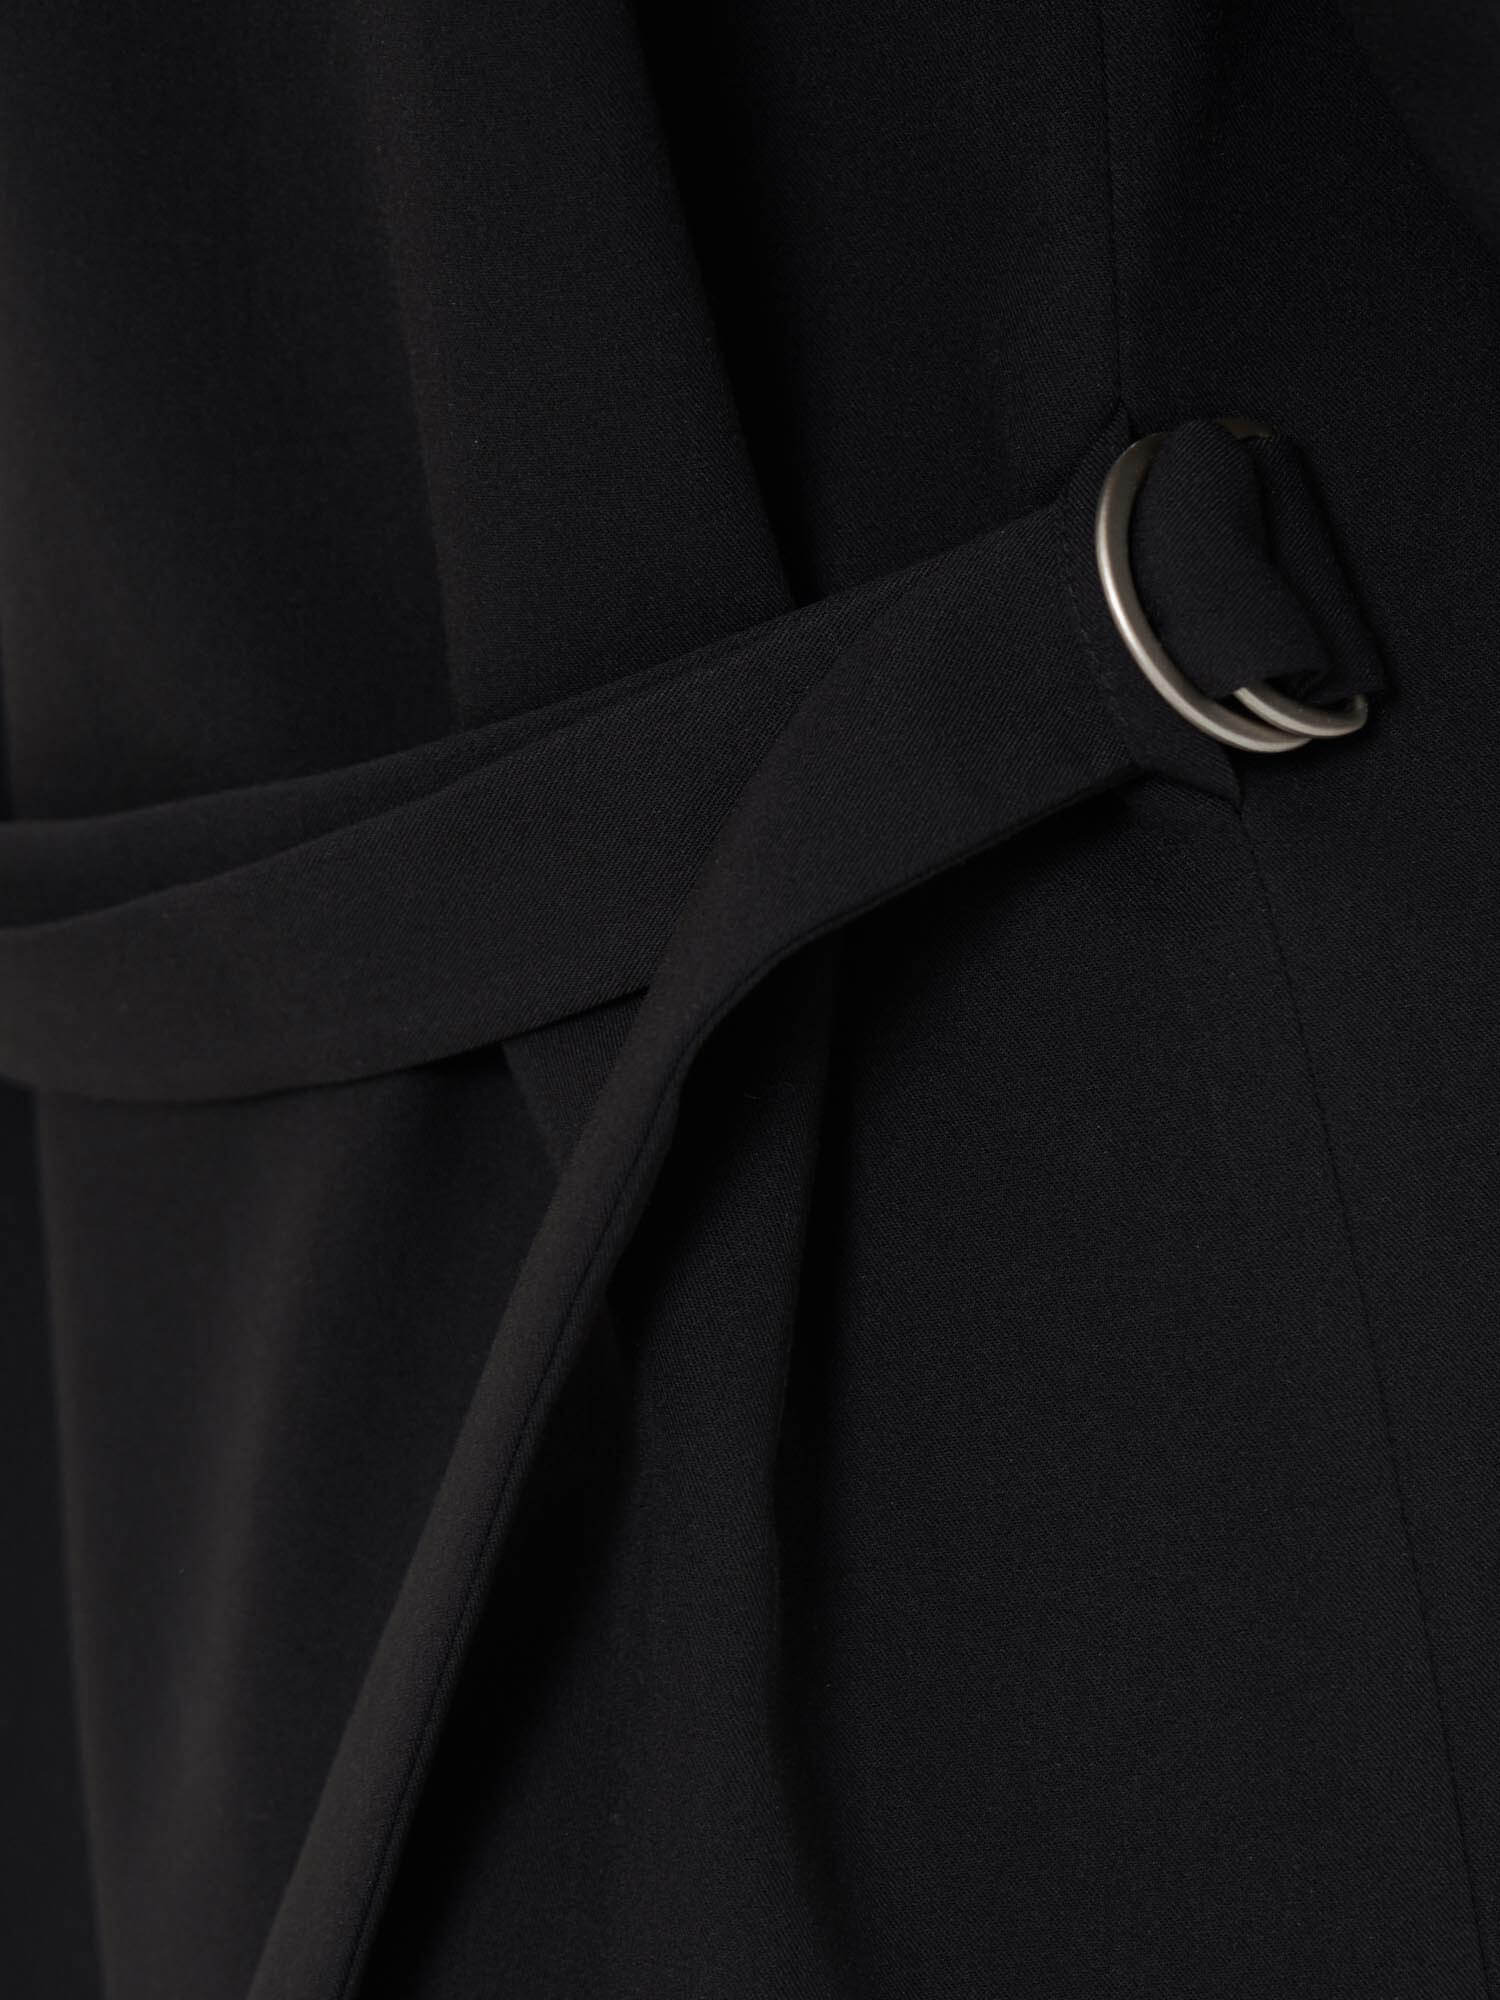 Платье-рубашка Ester, Черный